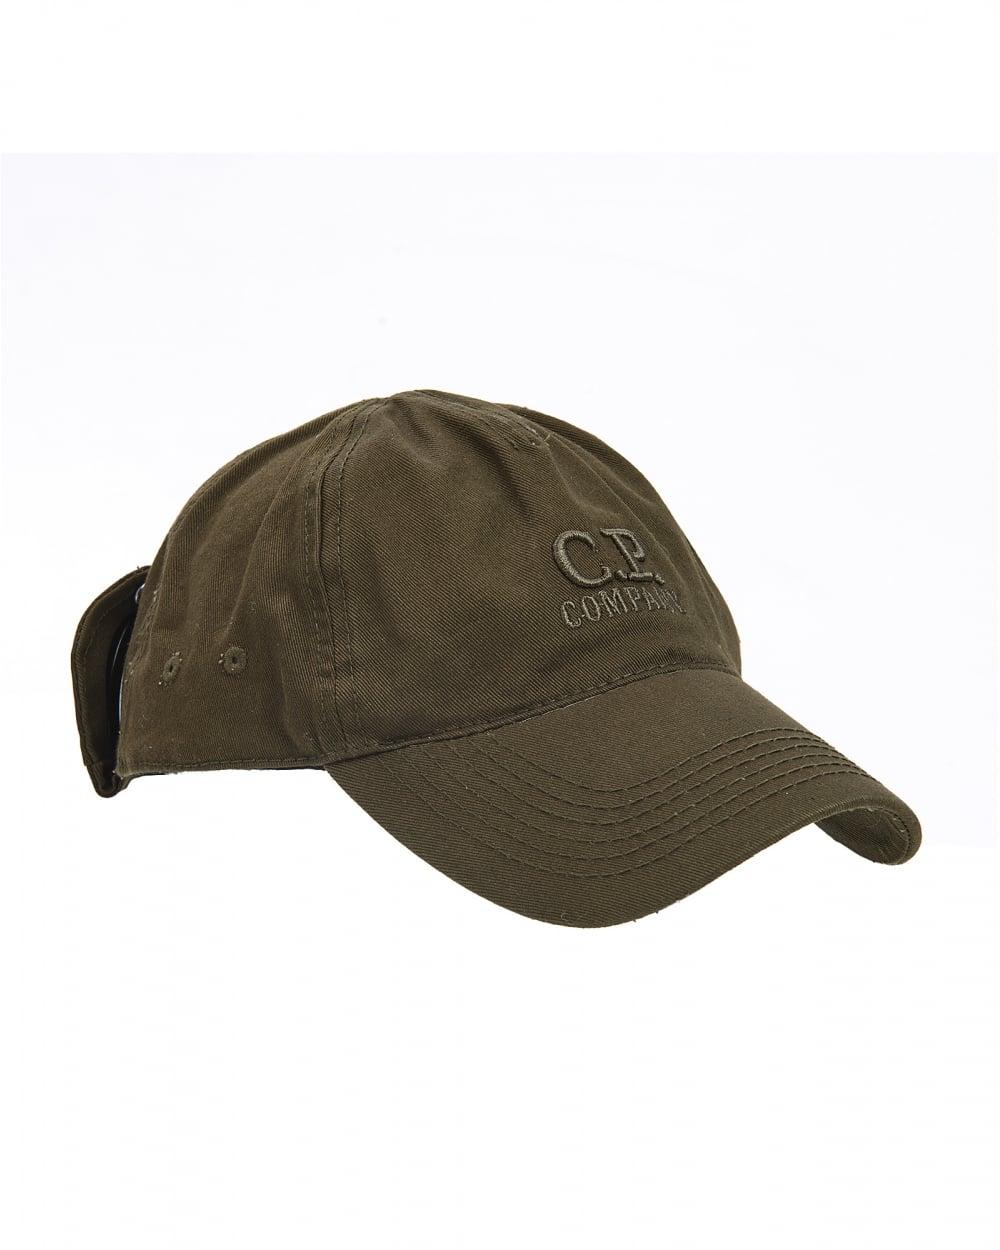 7952f56c1f0 C.P Company Mens Hat